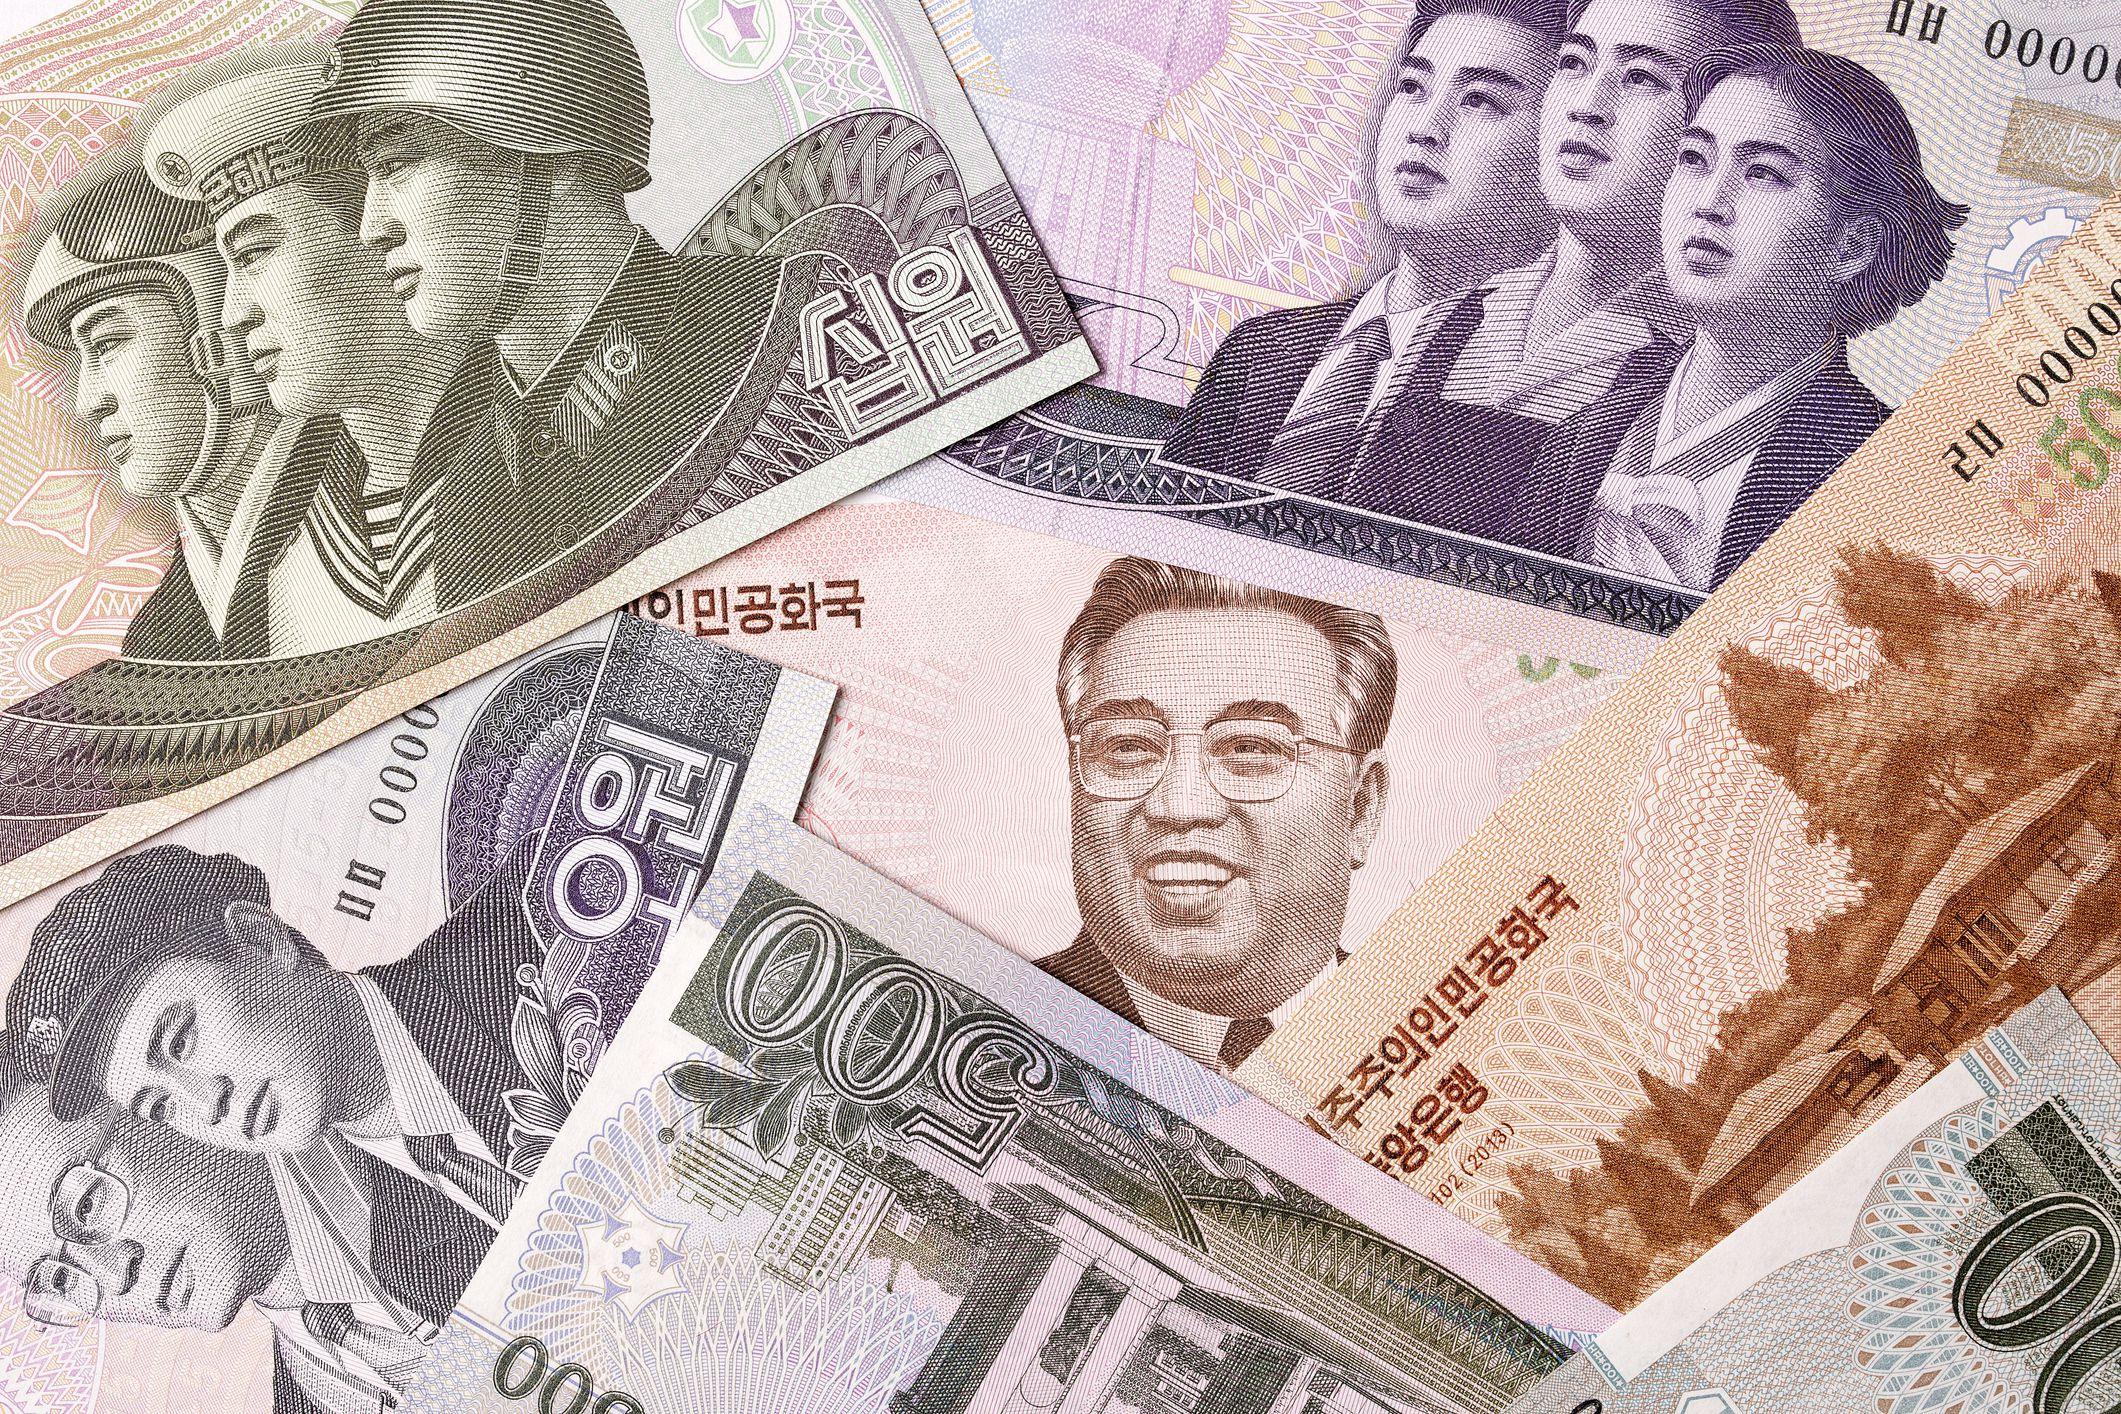 North Korean money, a background